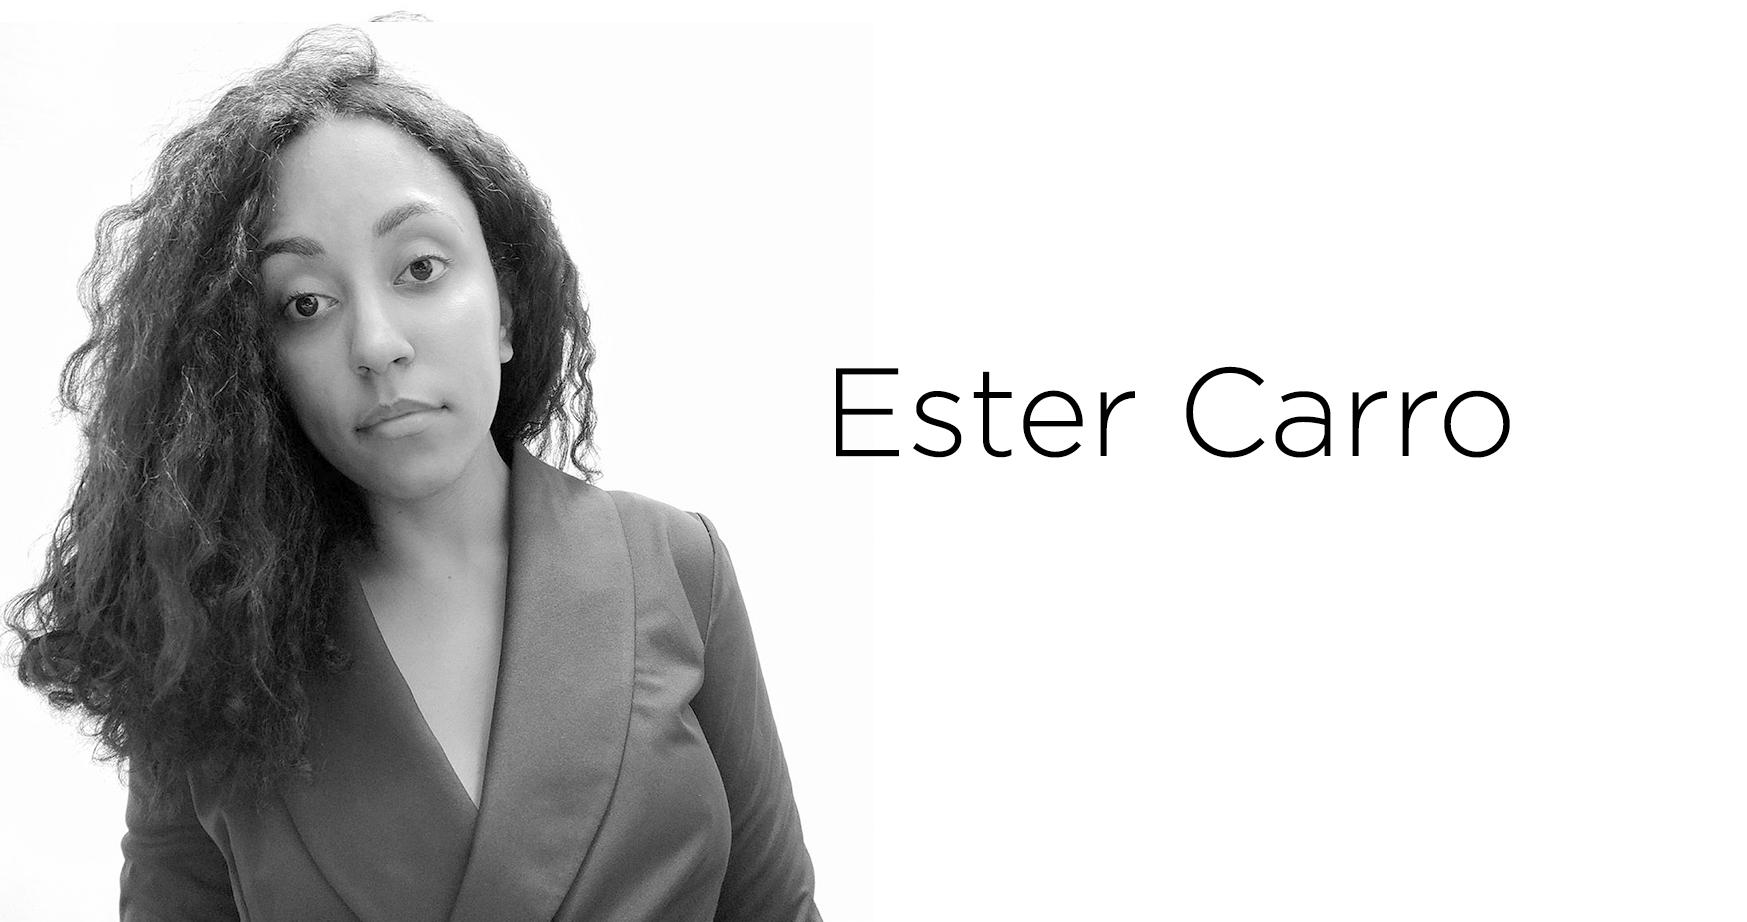 Ester Carro